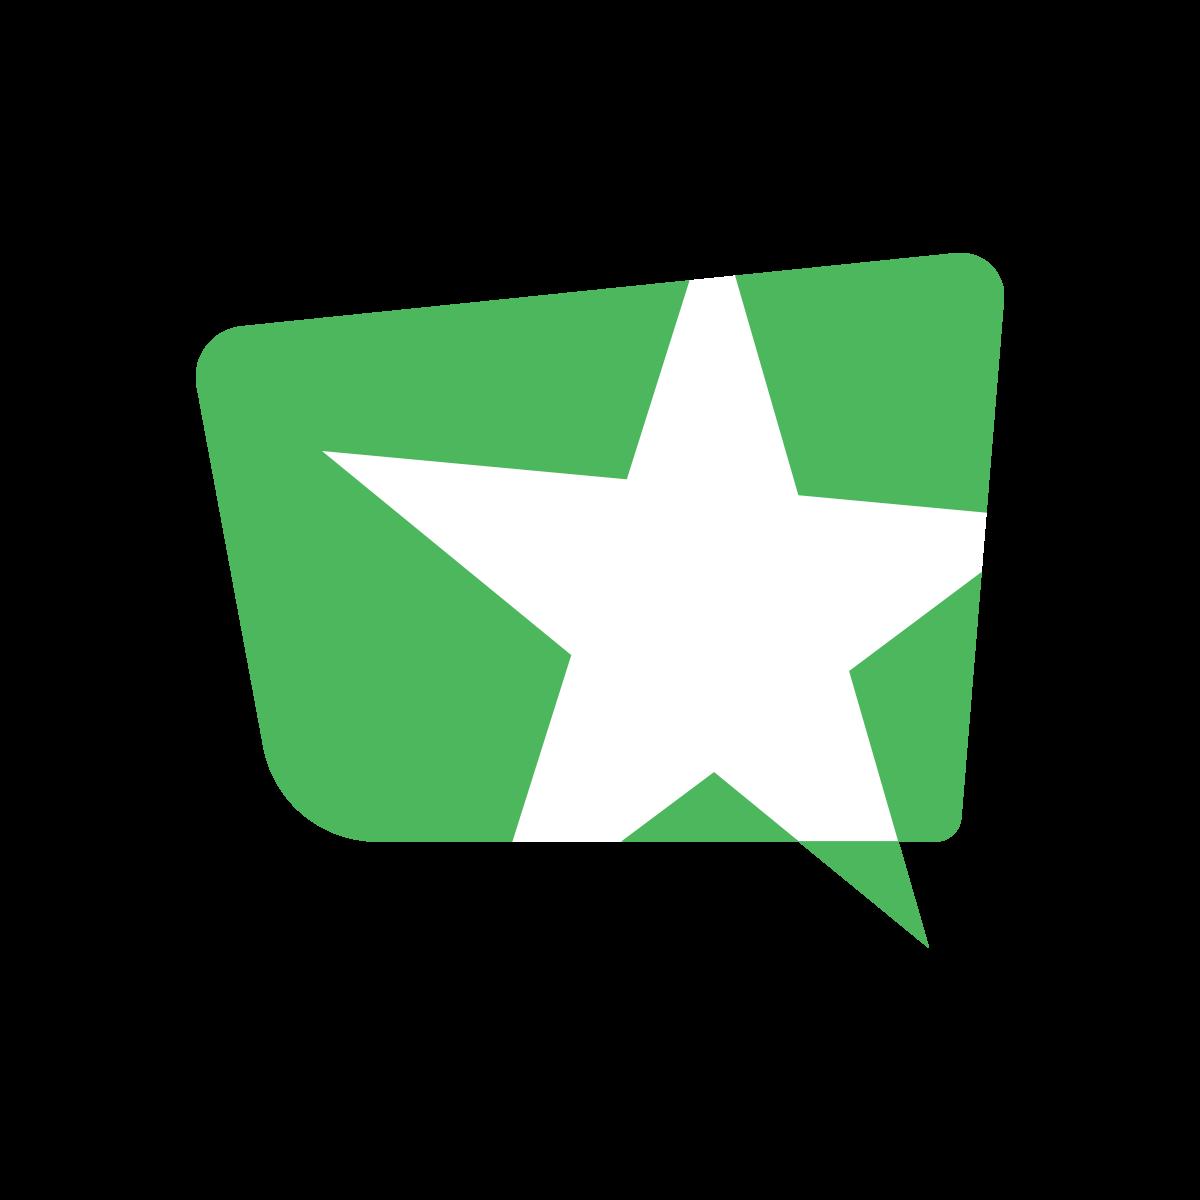 Waardevolle Mening reviews, beoordelingen en ervaringen